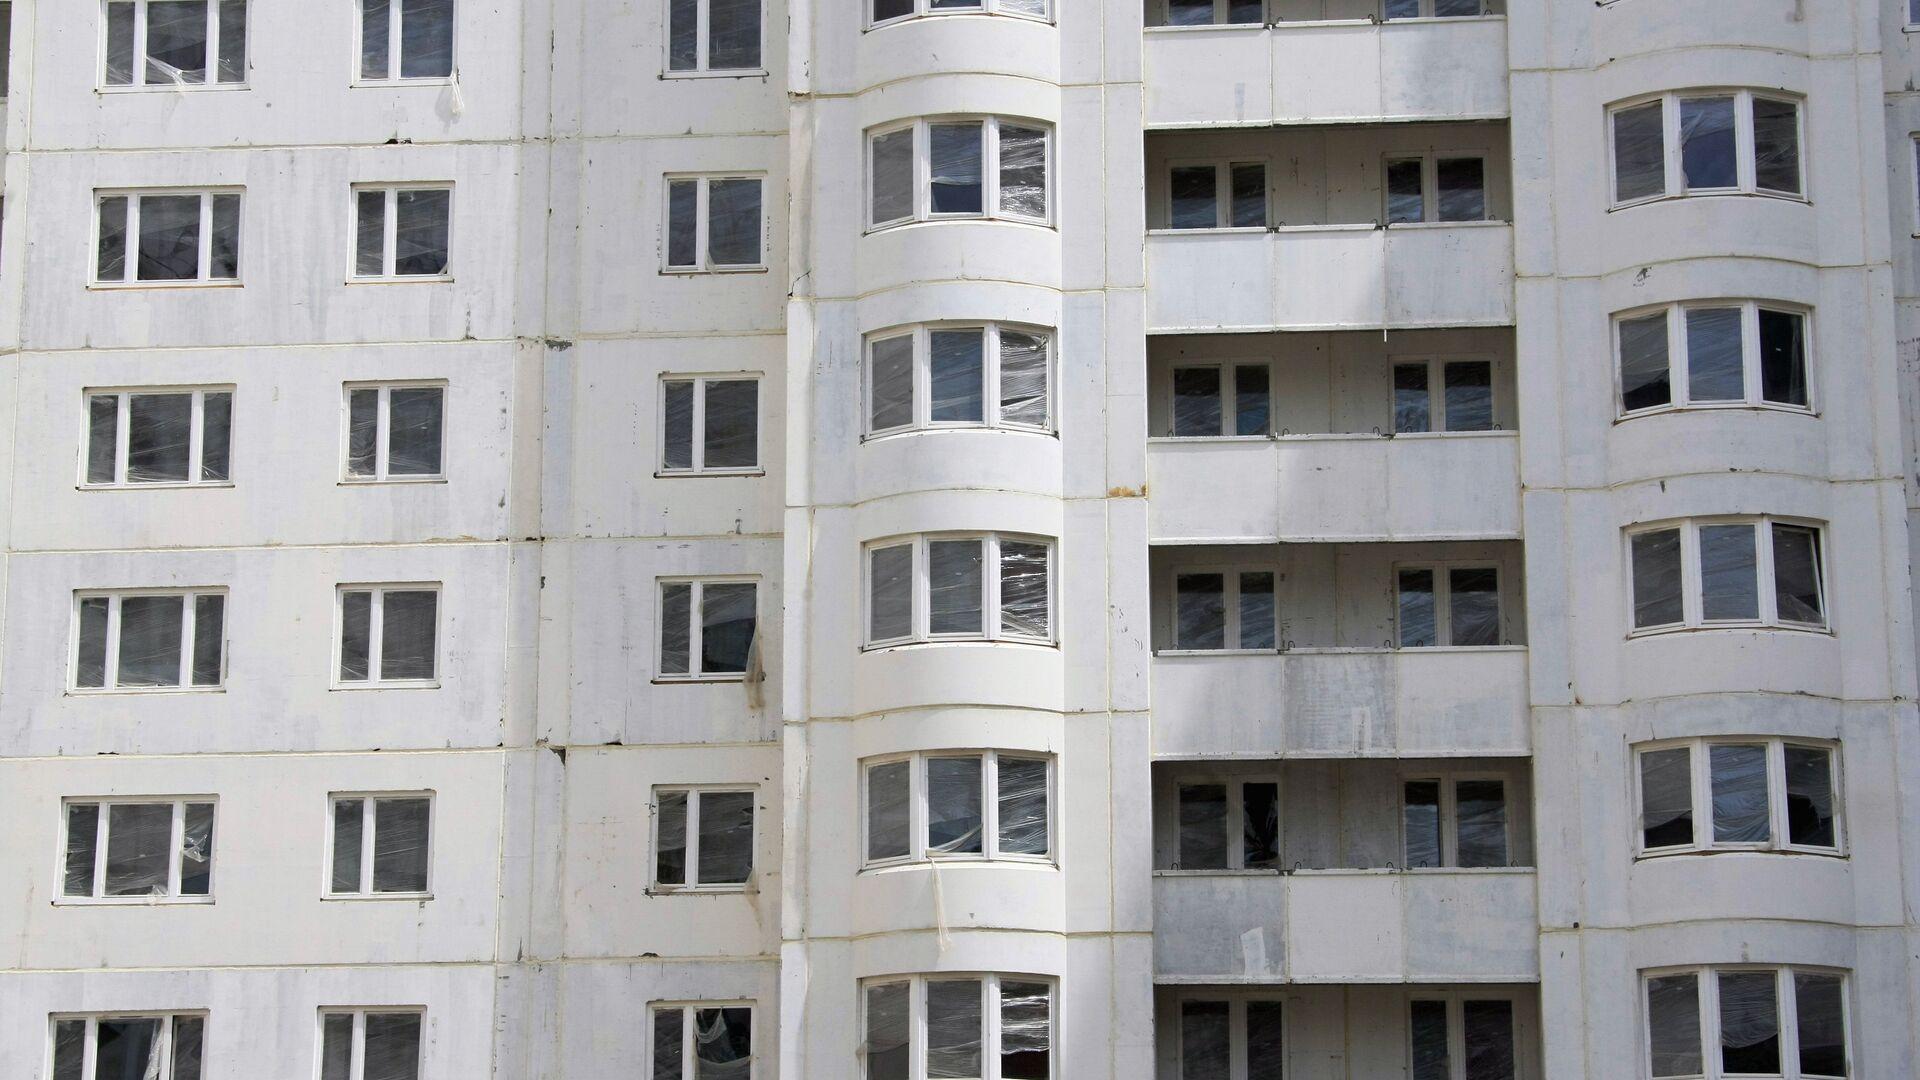 Строительство панельных домов в Москве - РИА Новости, 1920, 05.01.2021